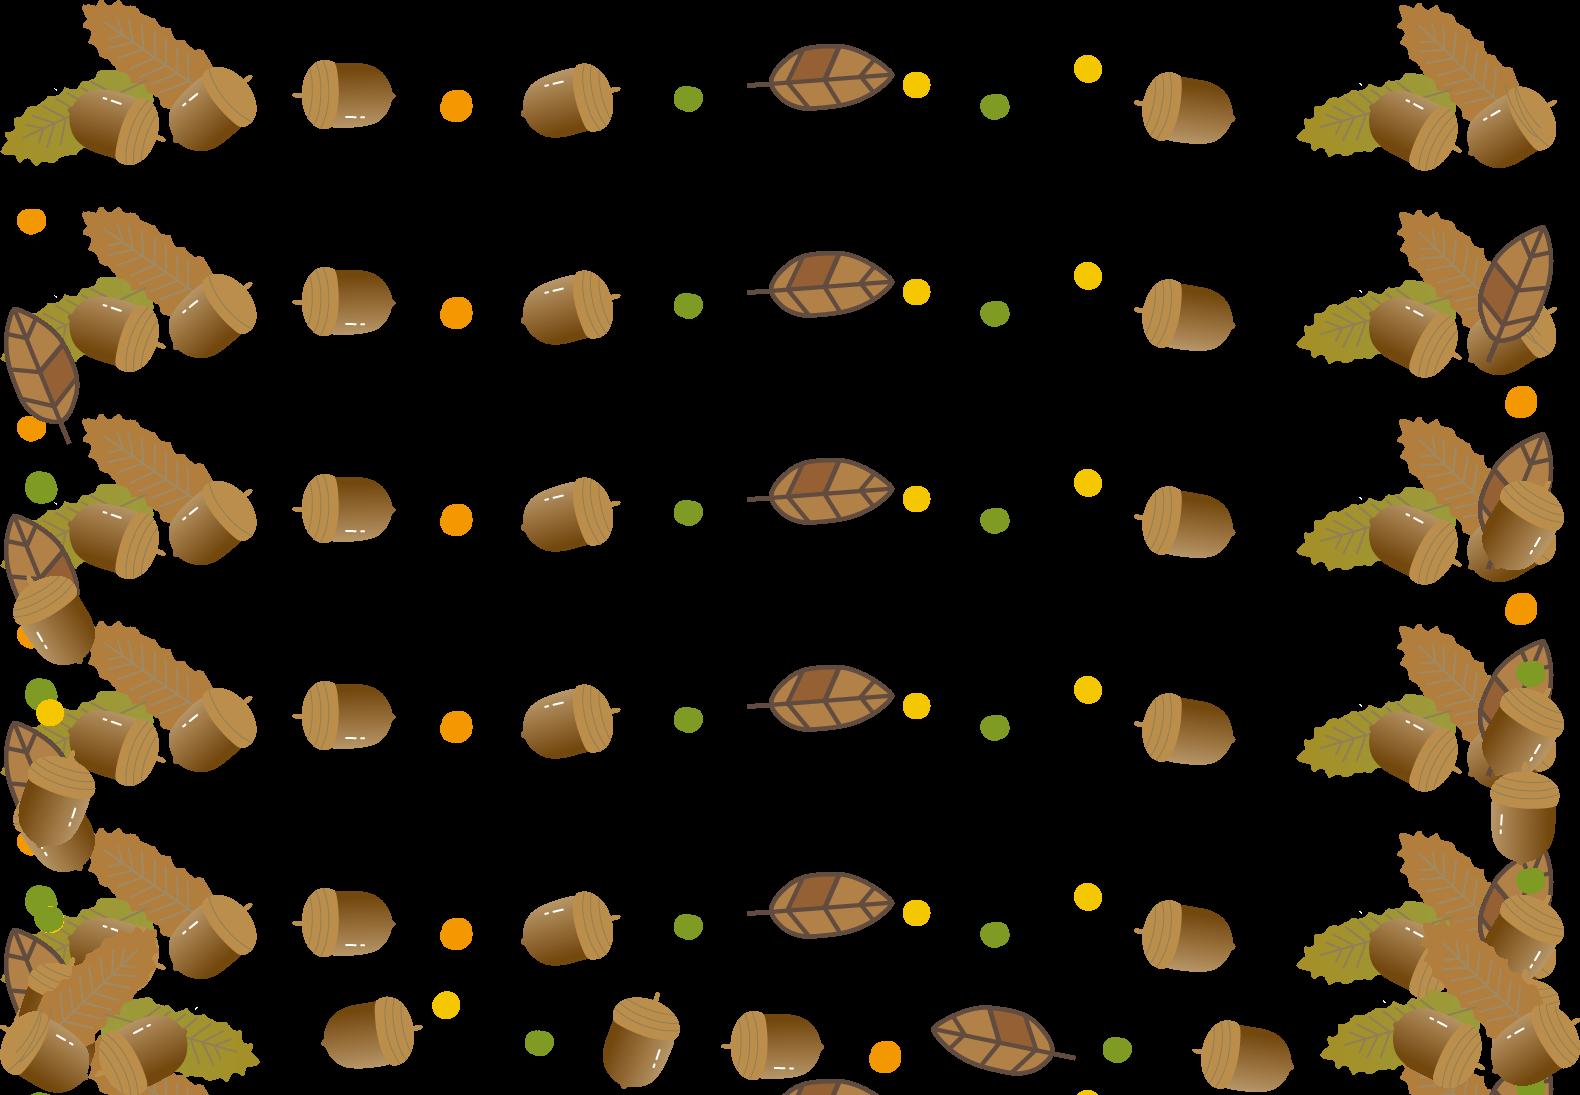 枠・吹き出しイラスト(秋どんぐり)無料イラスト素材